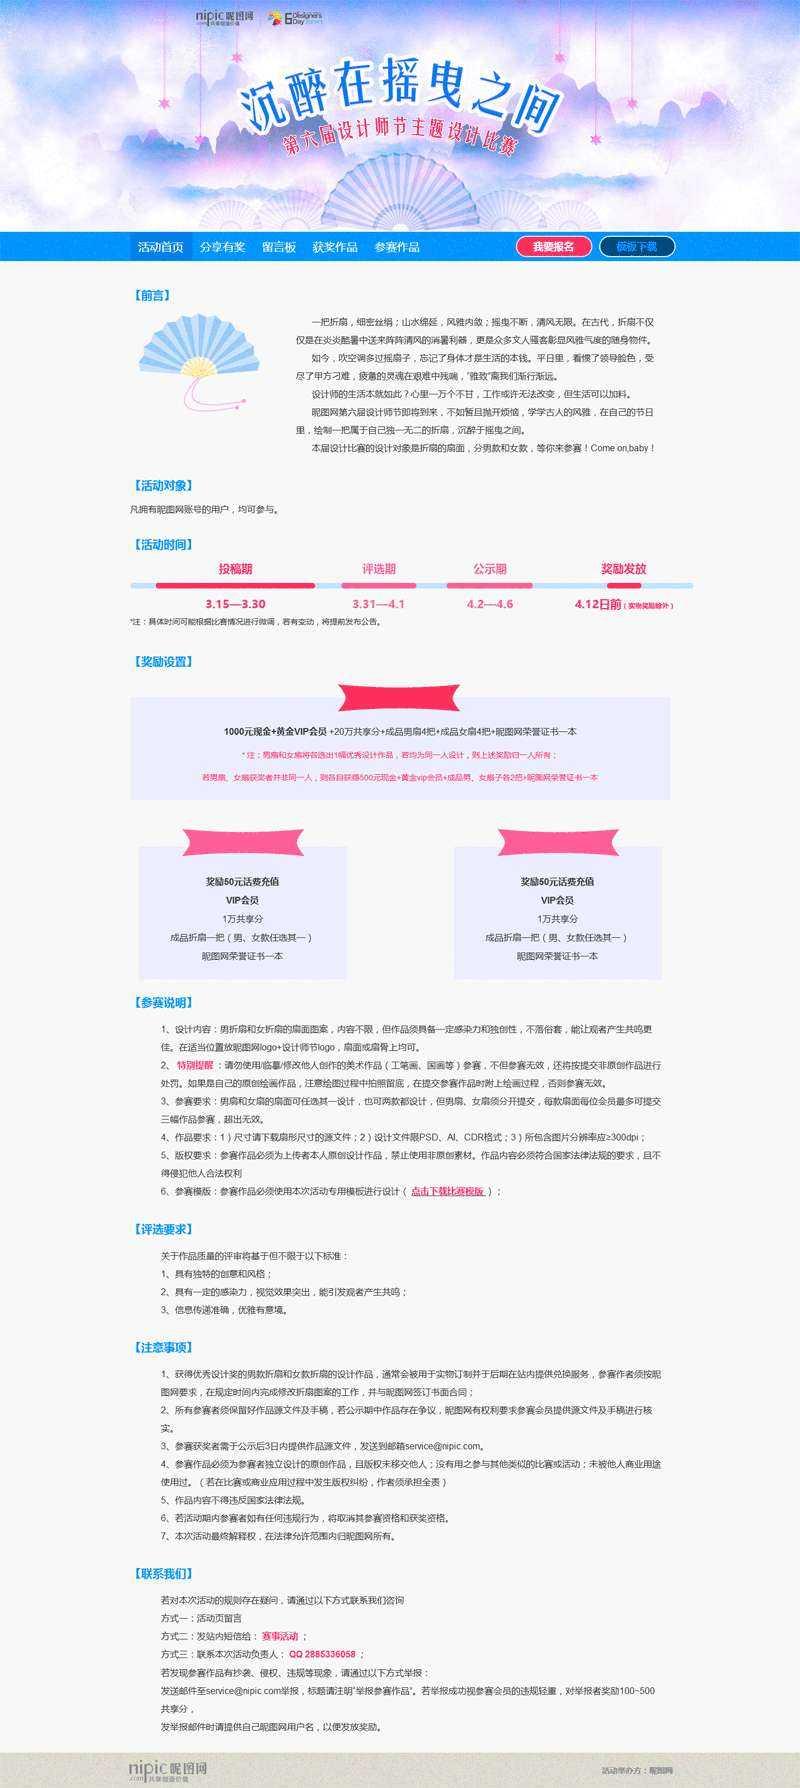 蓝色的昵图网活动页面单页模板html下载